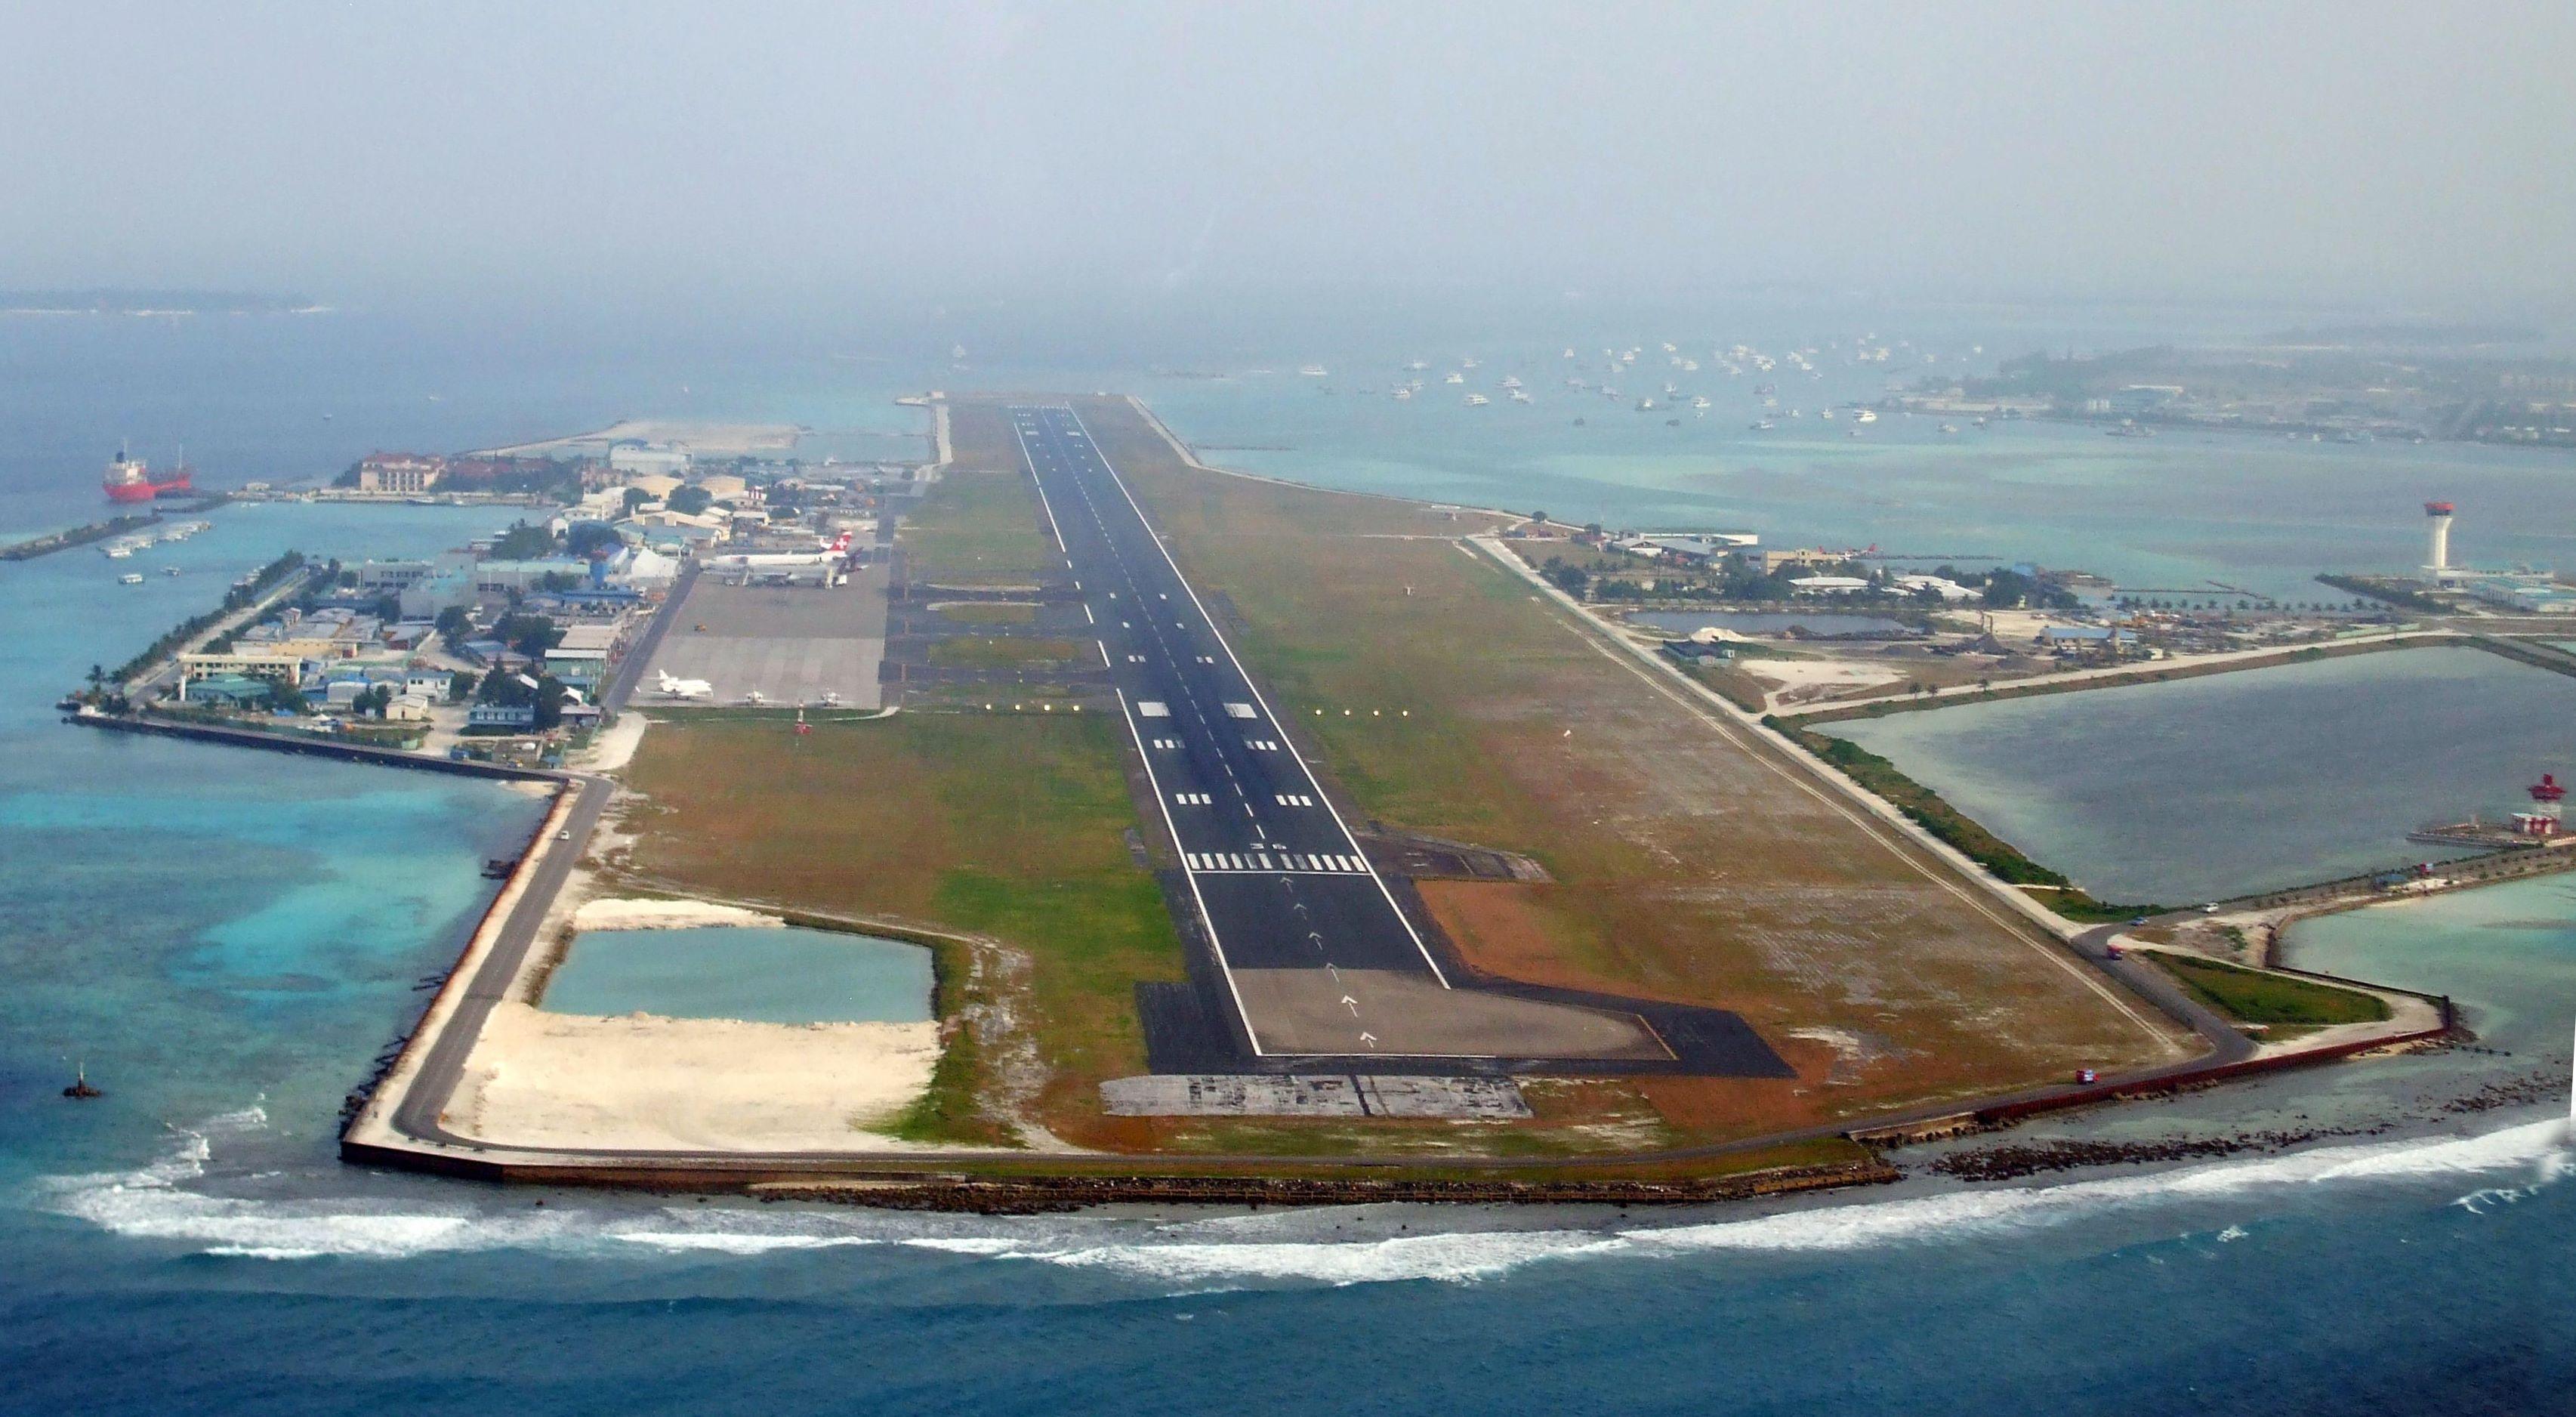 Malé_im_Landeanflug.jpg